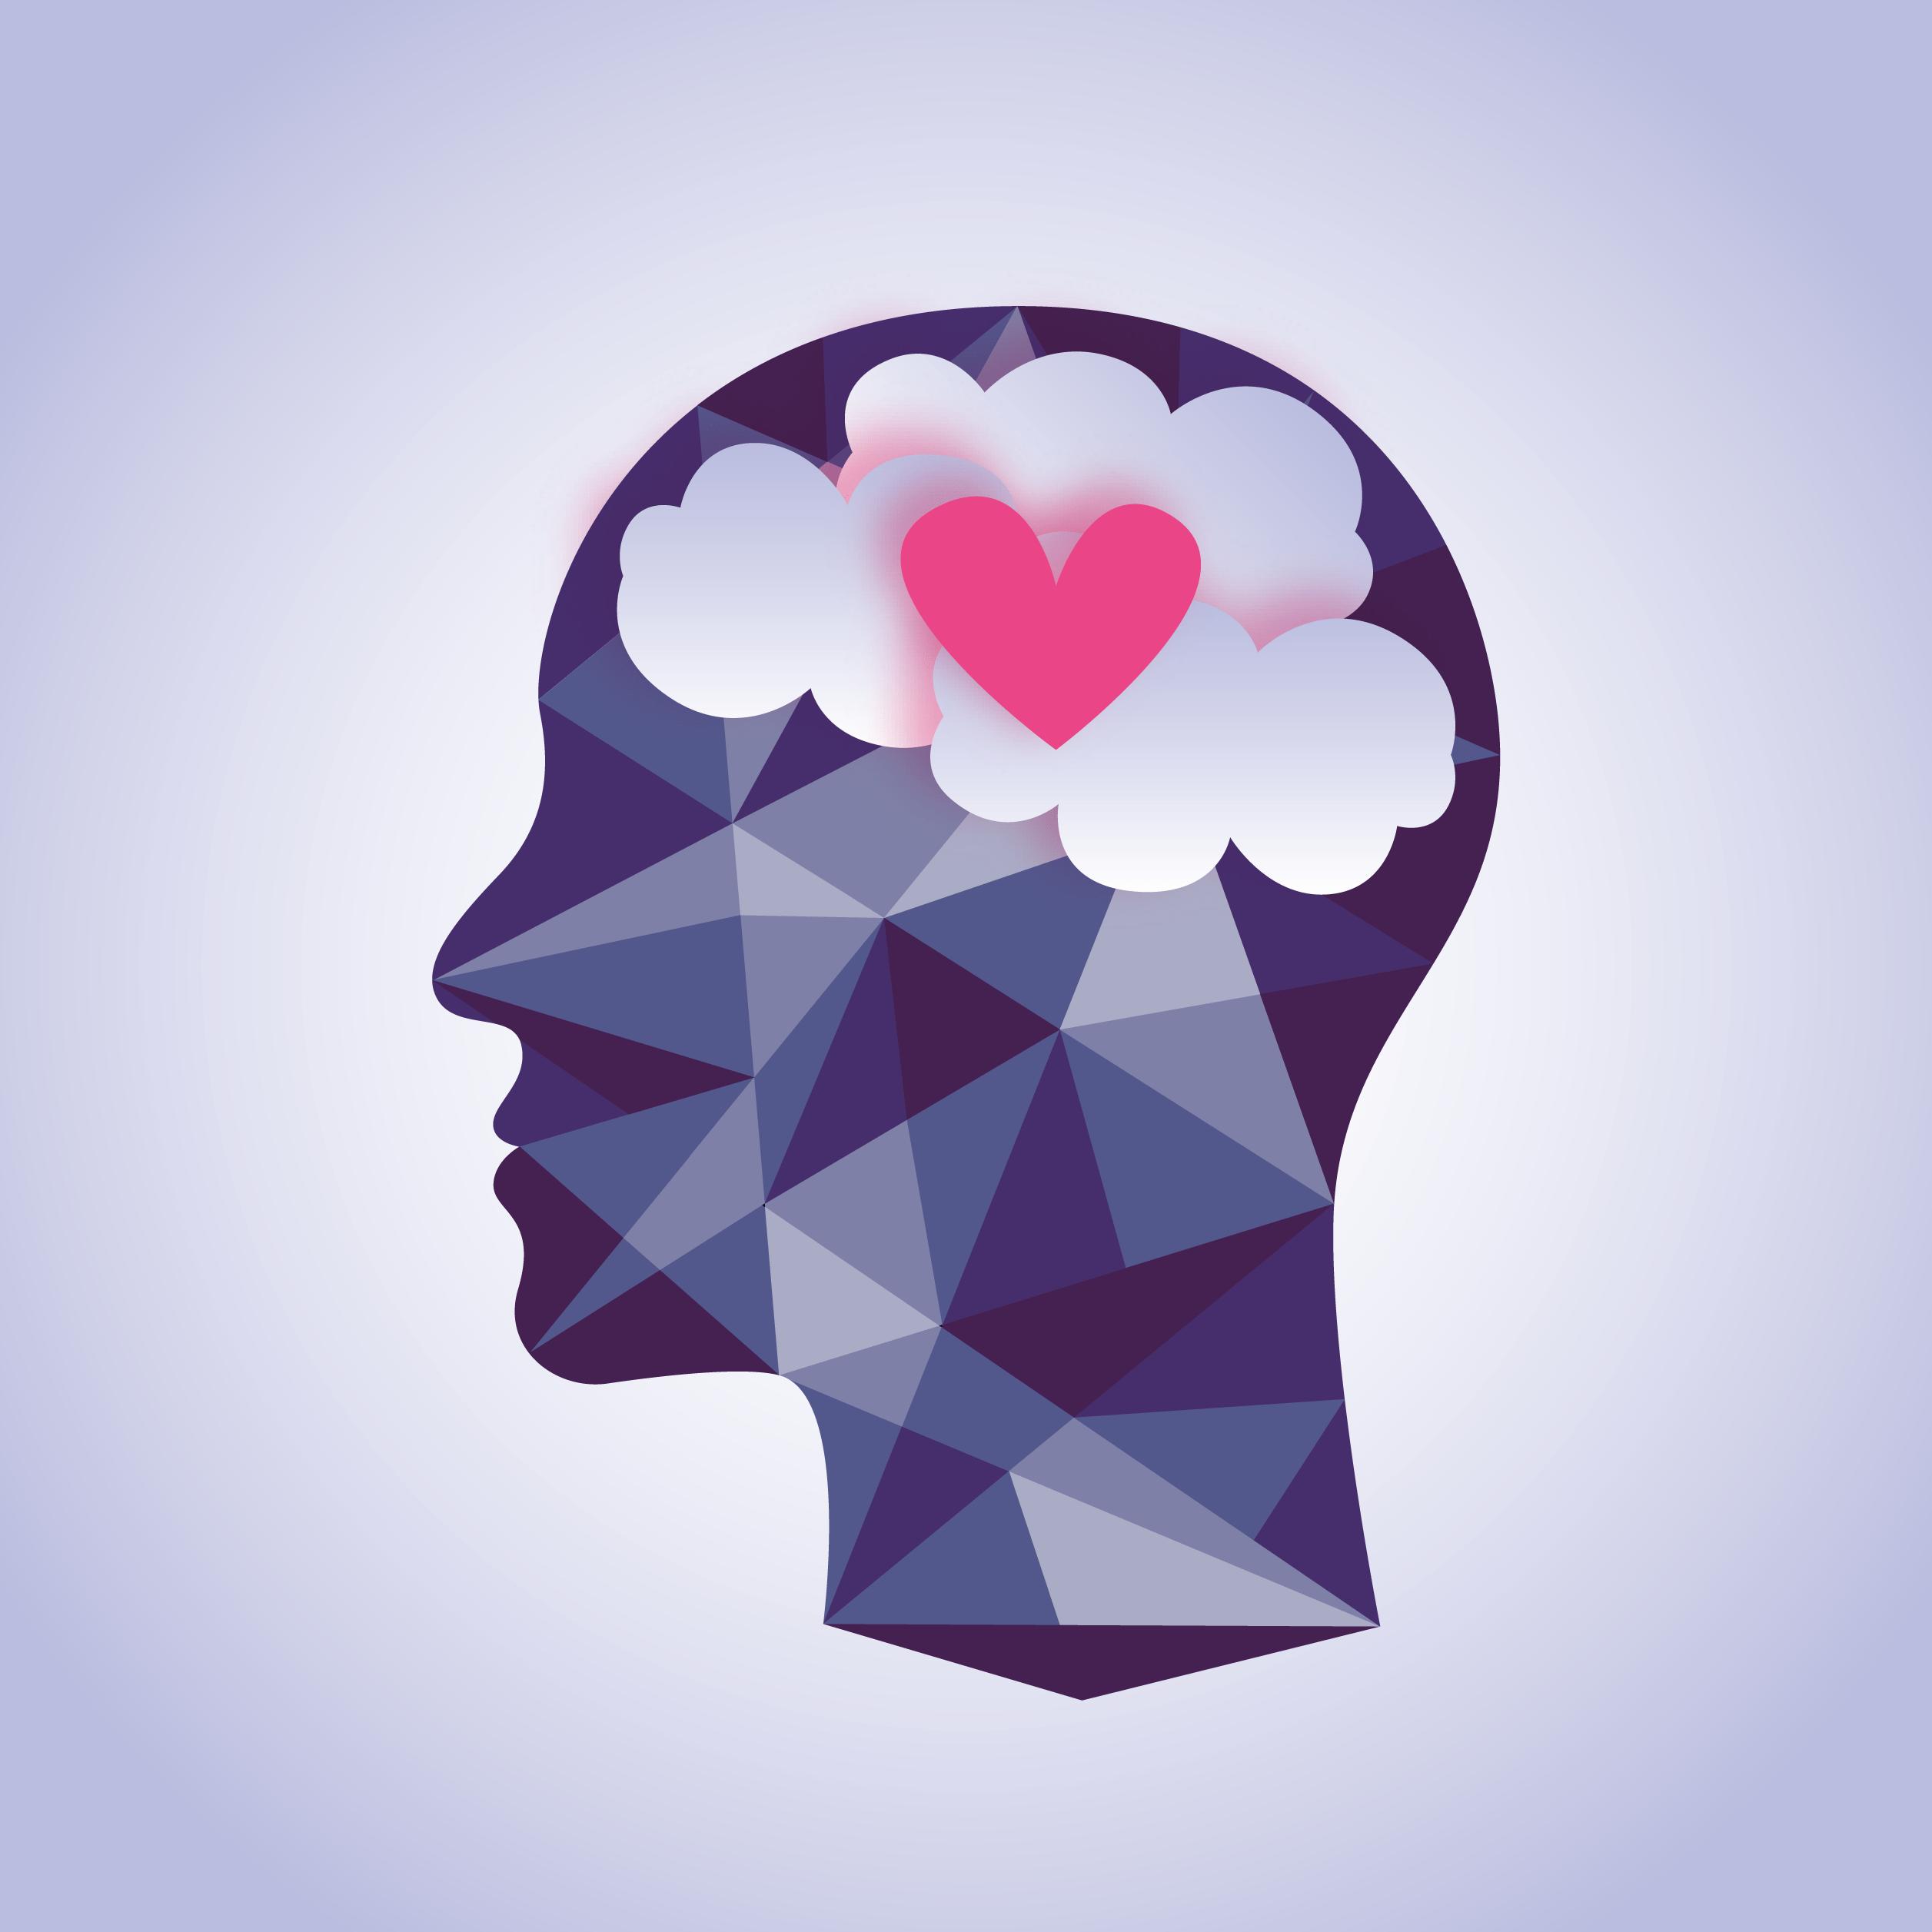 Dia do Psicólogo, uma carreira dedicada ao cuidado da mente e comportamento humano